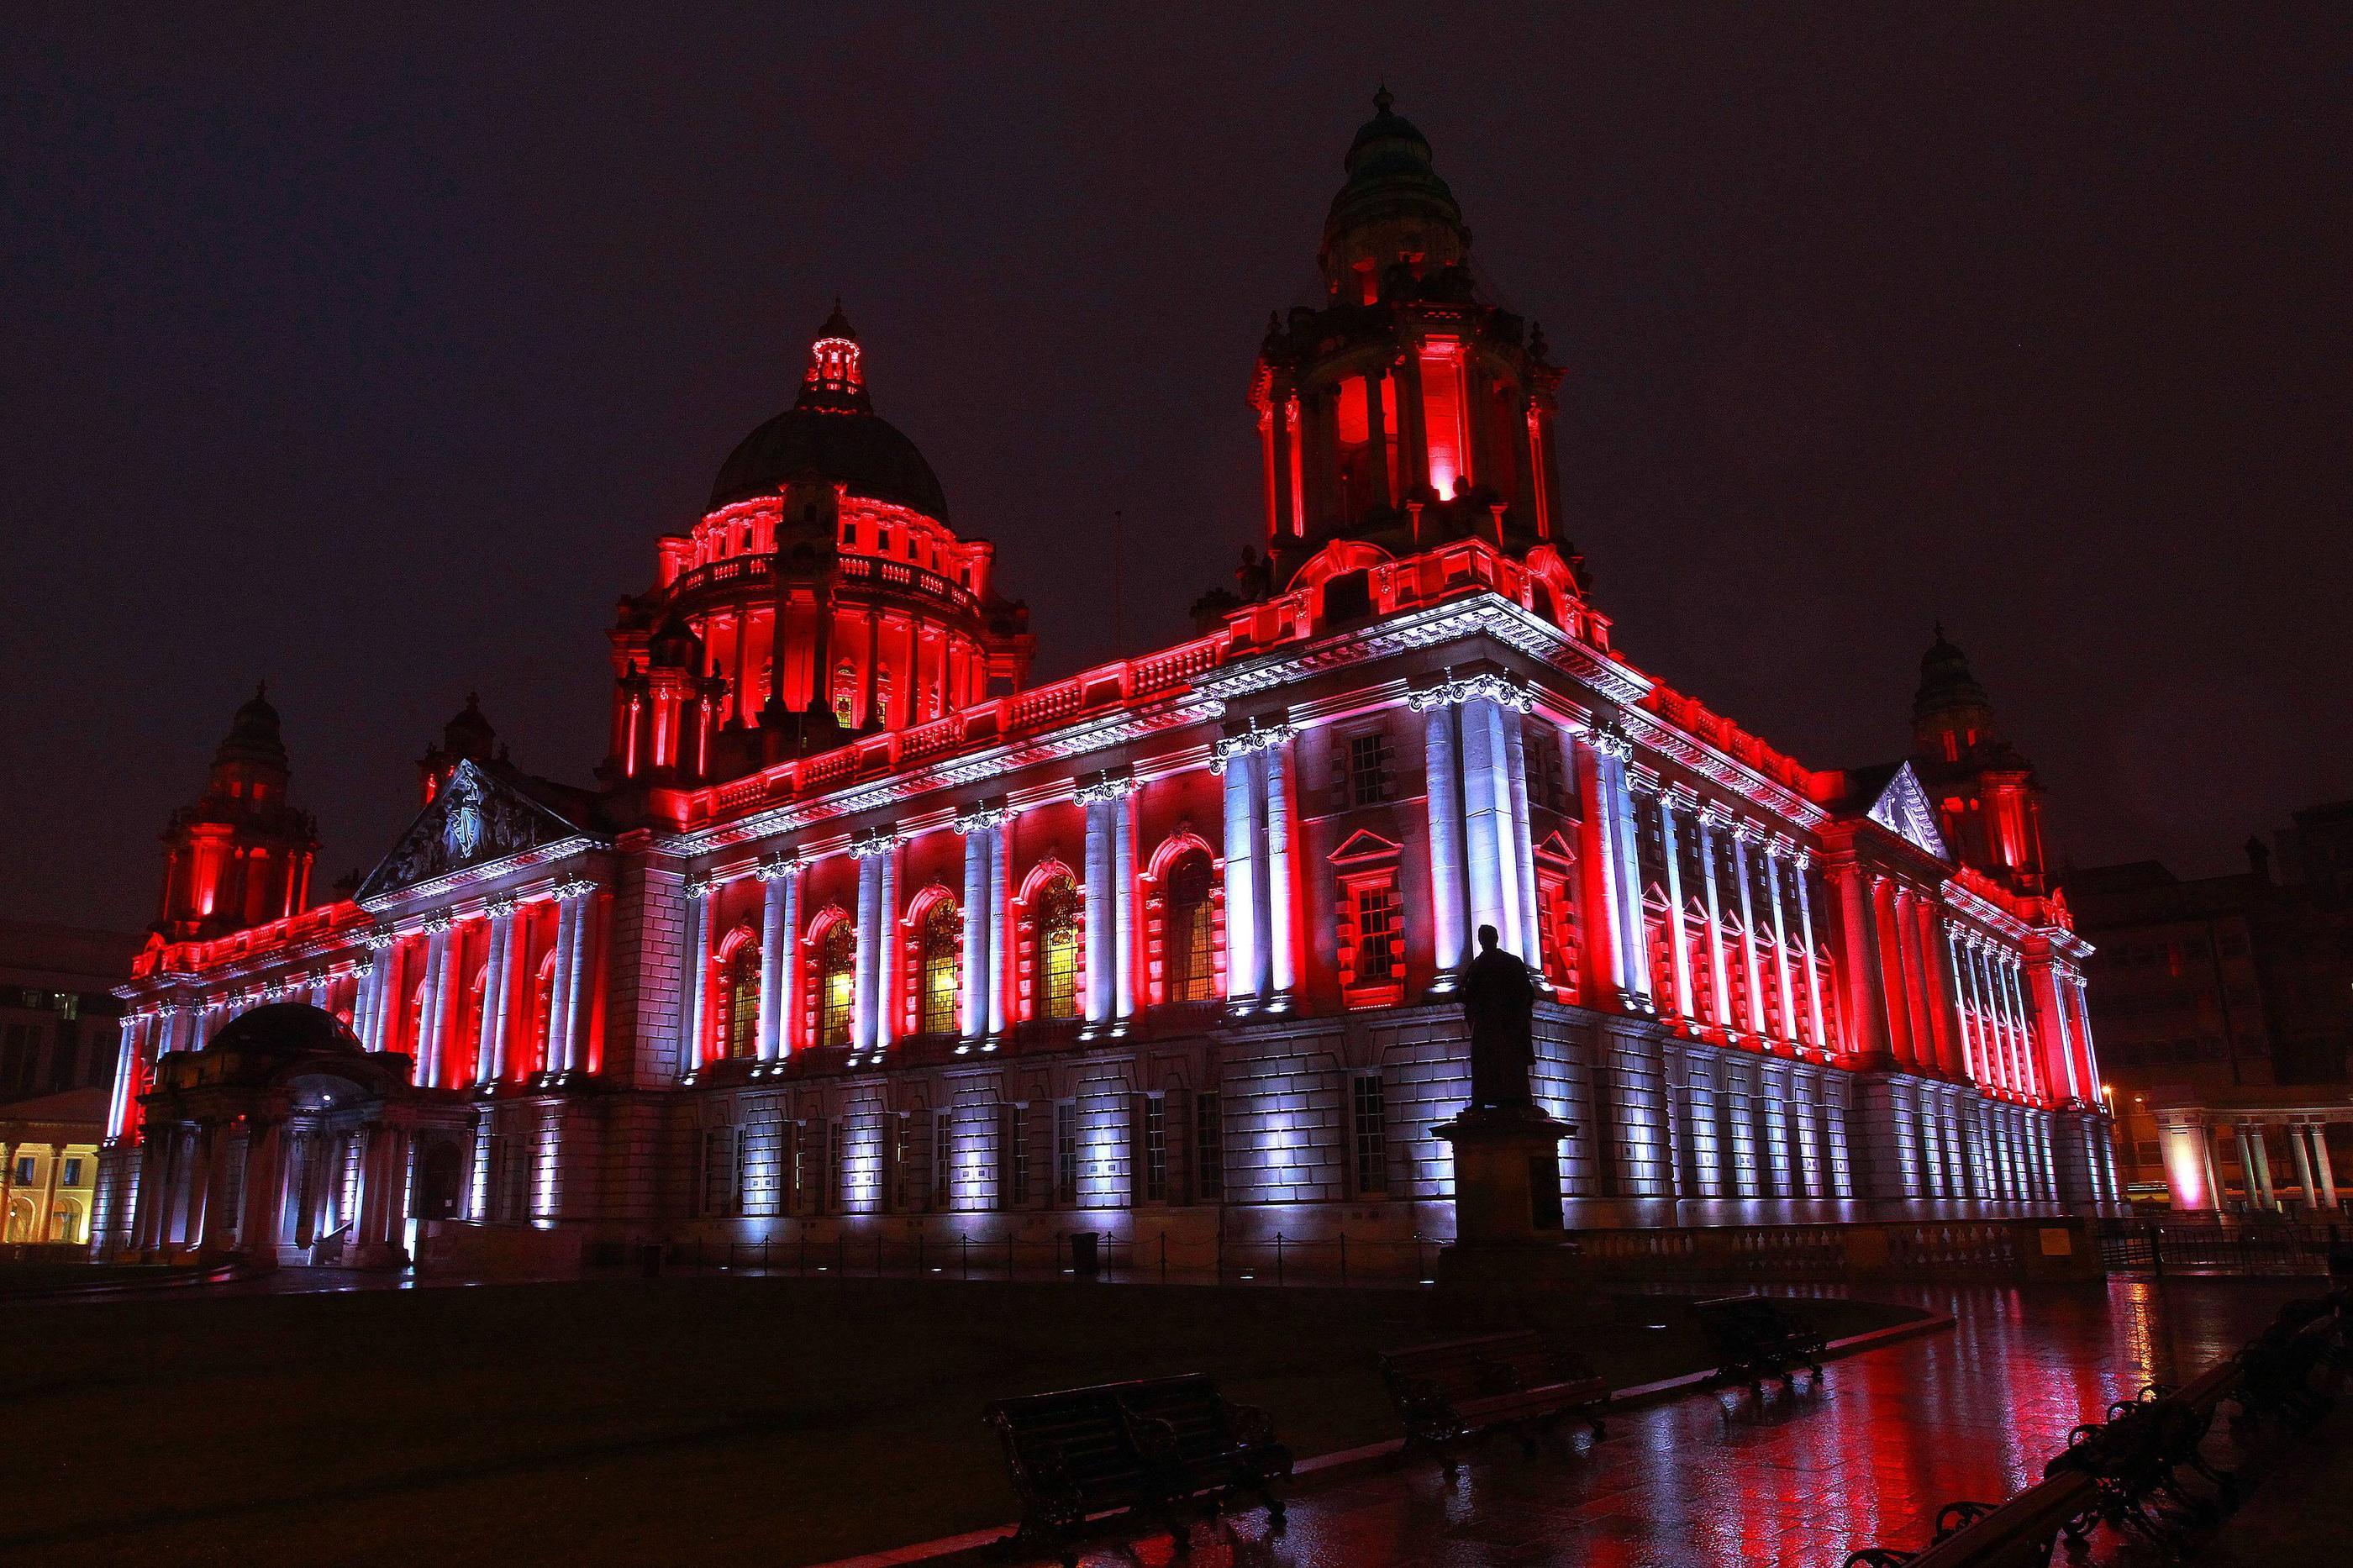 I najbardziej zaskakująca, podświetlona elewacja ratusza w Belfaście, w Północnej Irlandii: